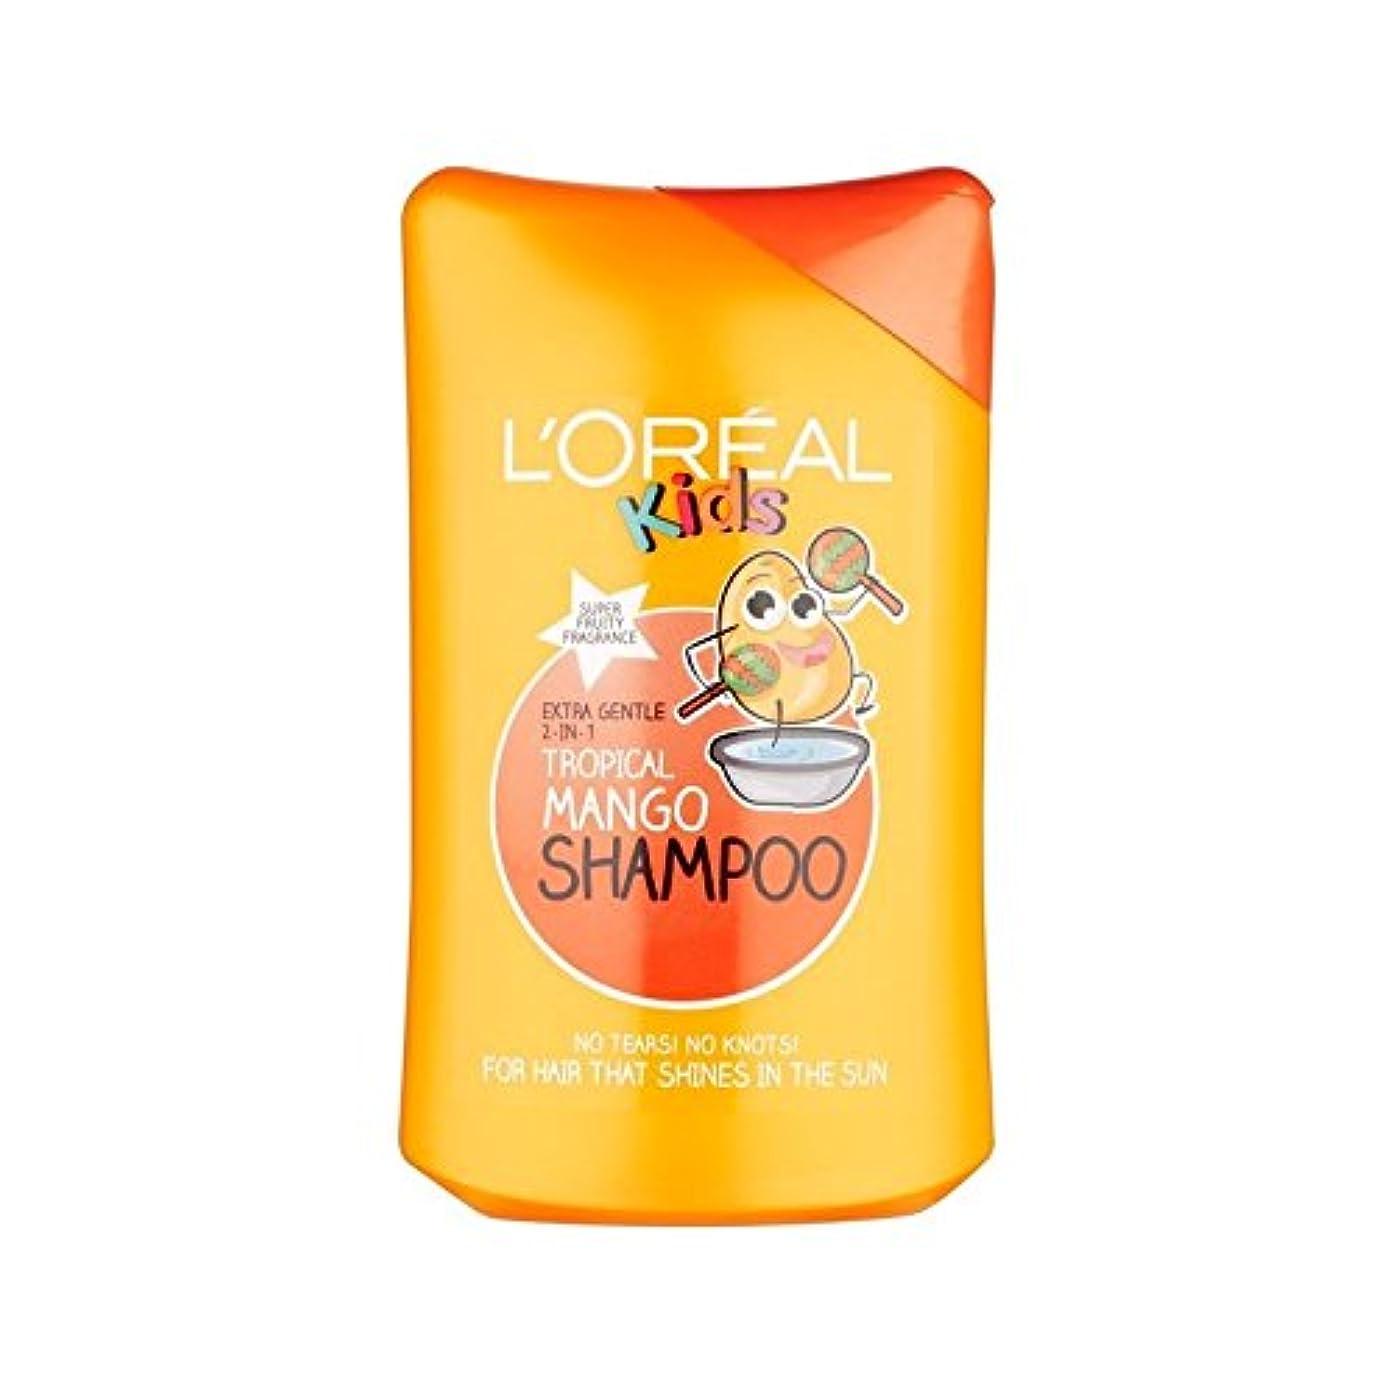 コショウヒューム絶縁する子供トロピカルマンゴーシャンプー250Ml (L'Oreal) (x 2) - L'Oreal Kids Tropical Mango Shampoo 250ml (Pack of 2) [並行輸入品]